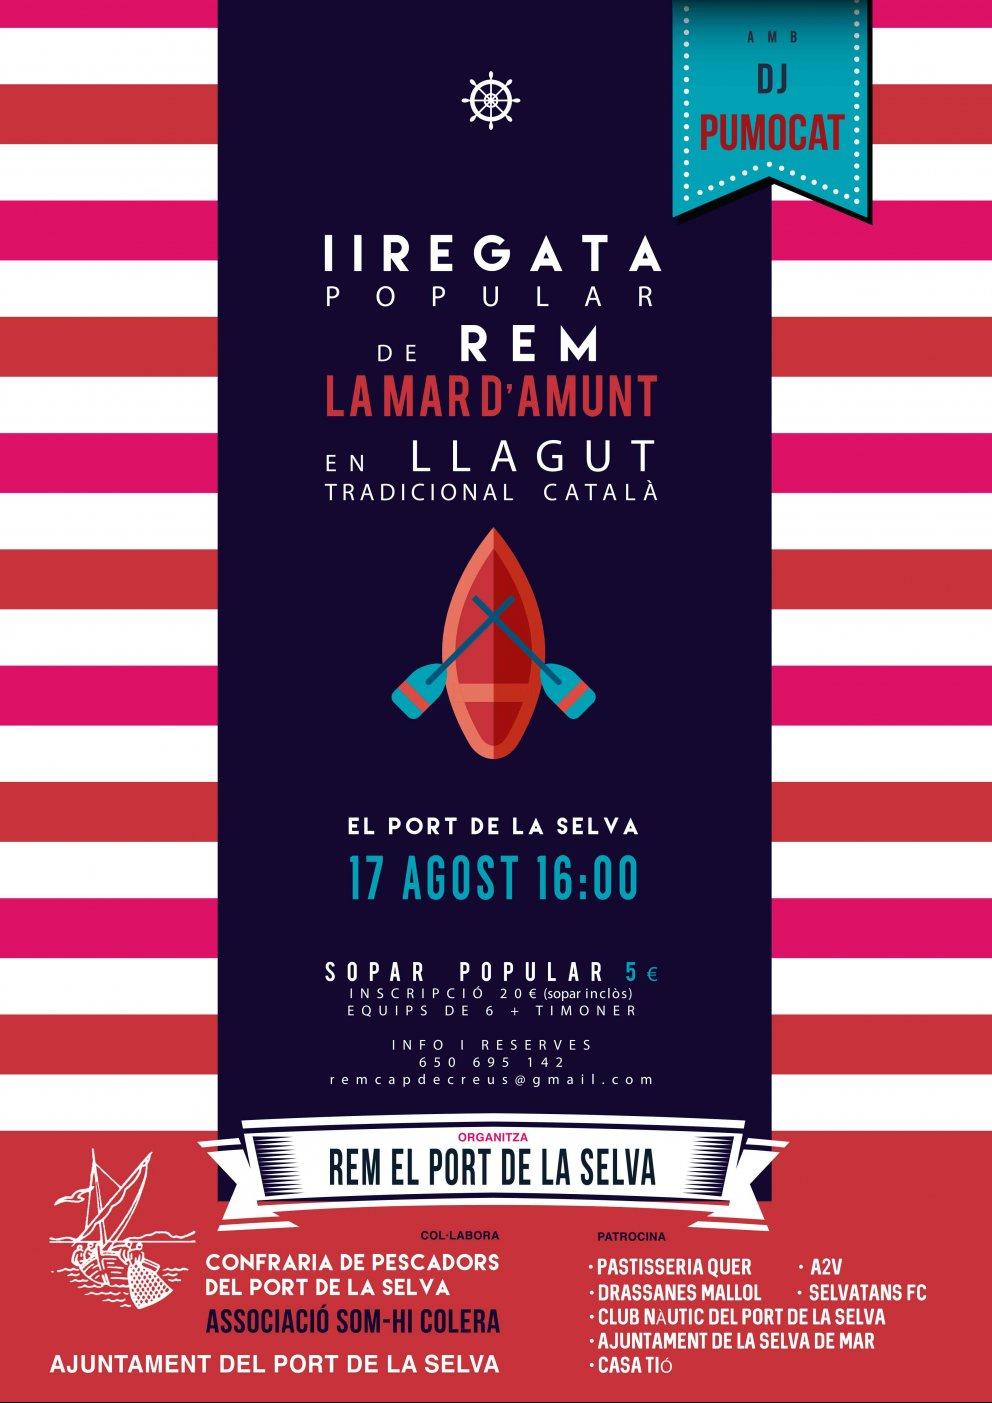 regata-popular-port-de-la-selva-2019